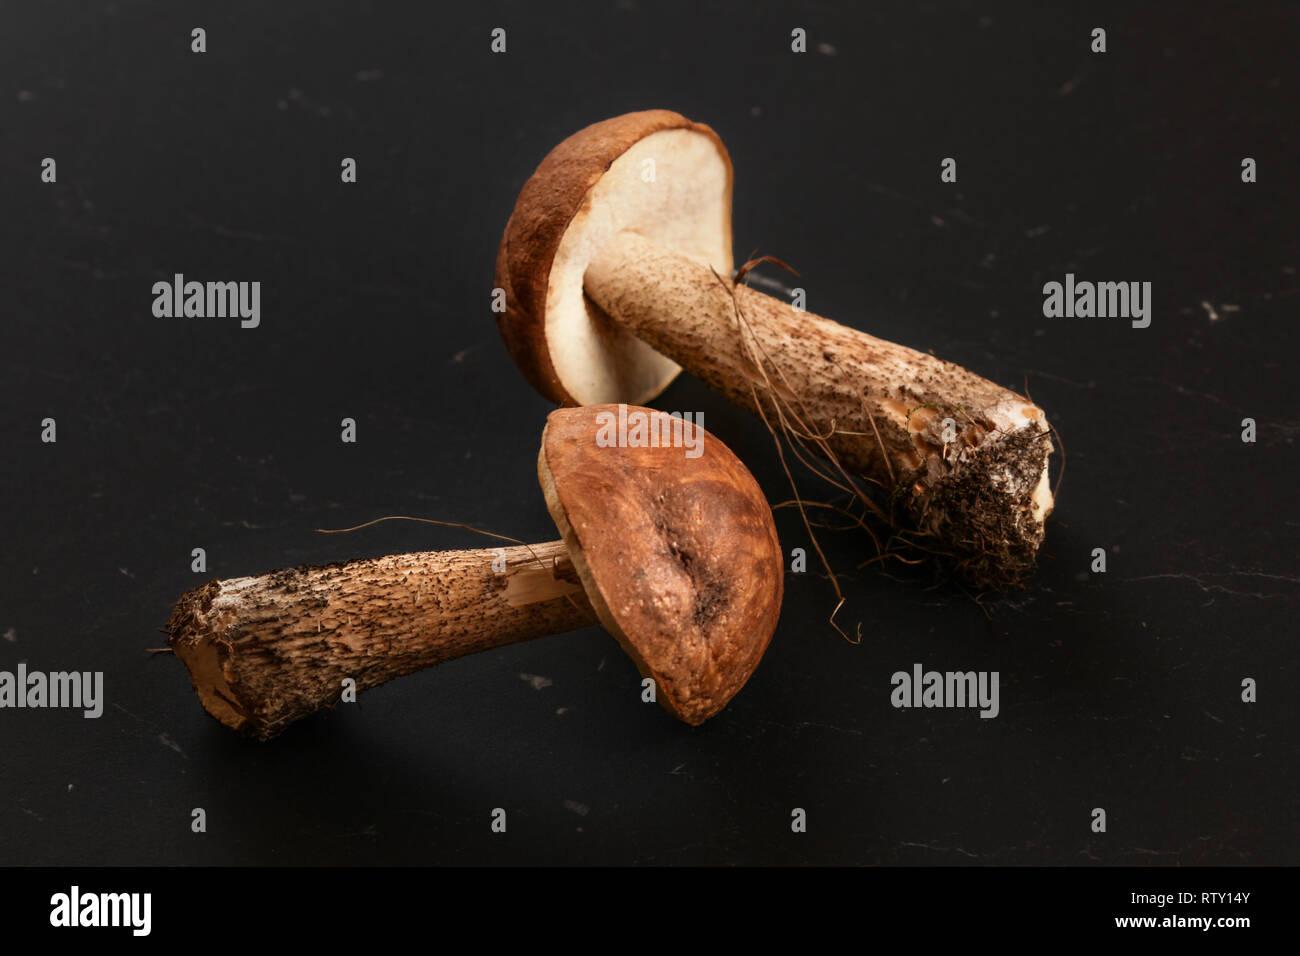 Due appena raccolto di funghi (scaber deviosgancio   Leccinum scabrum) via  lo sporco dalla 16a499da395c